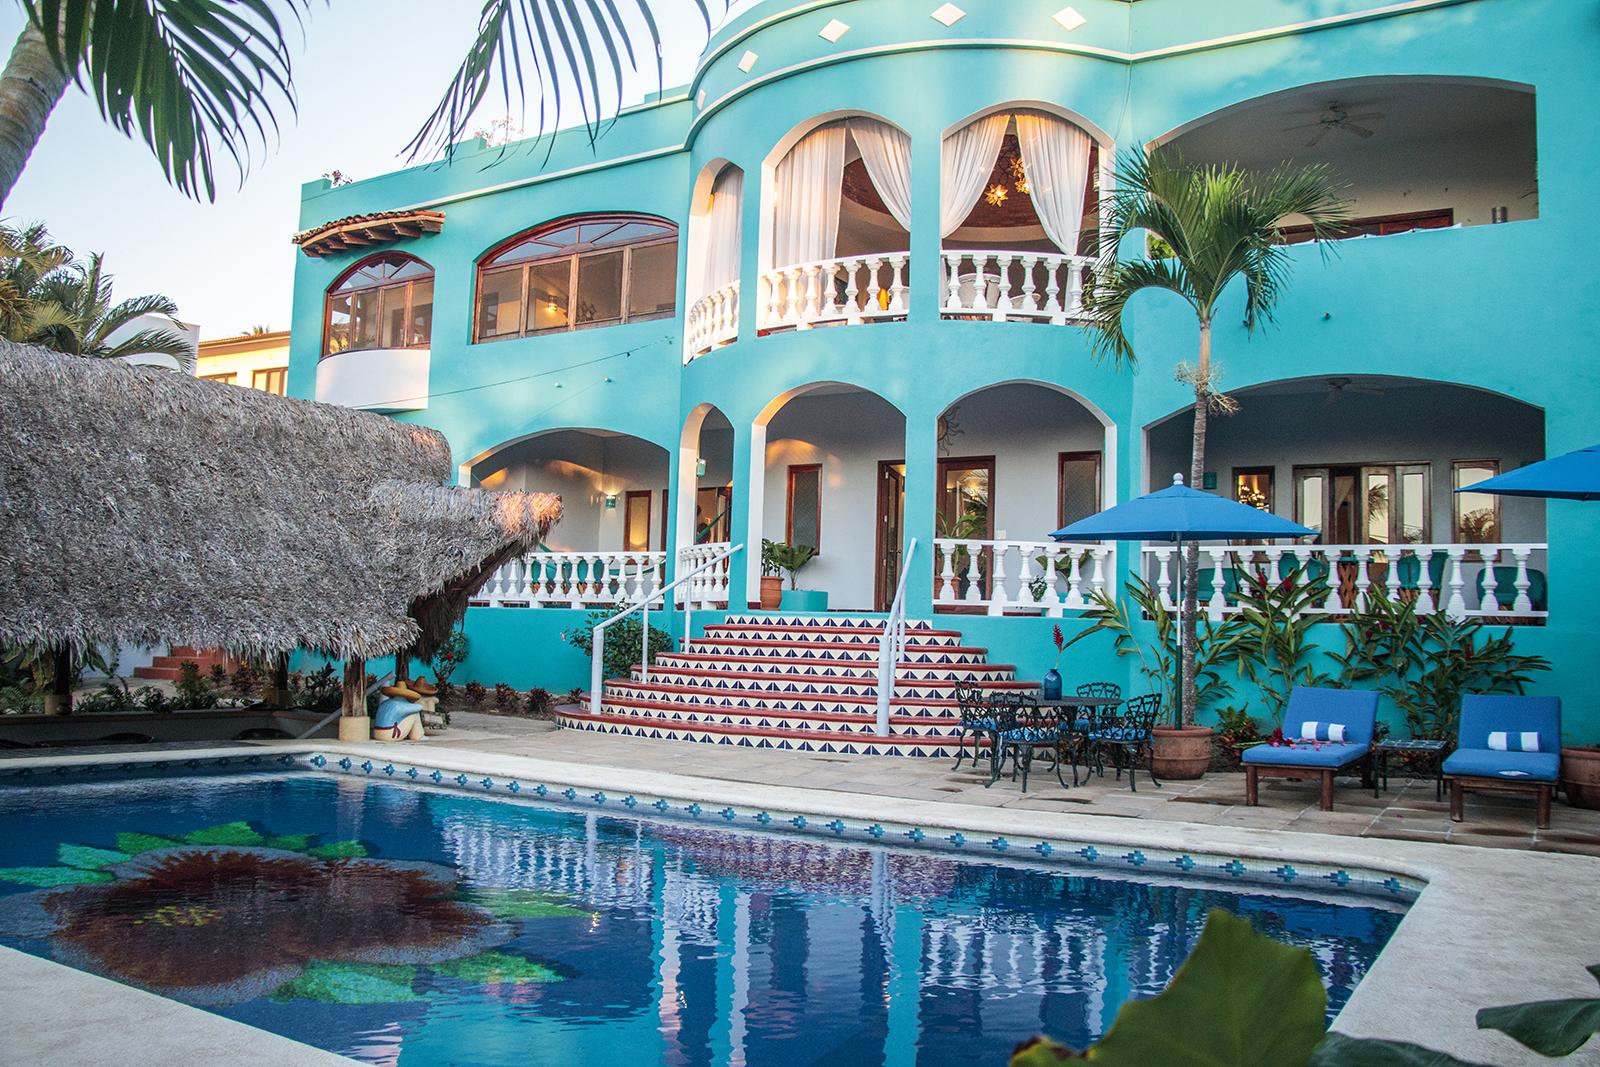 Casa Aqua Bella - Vacation Rental House - San Pancho, Nayarit, Mexico